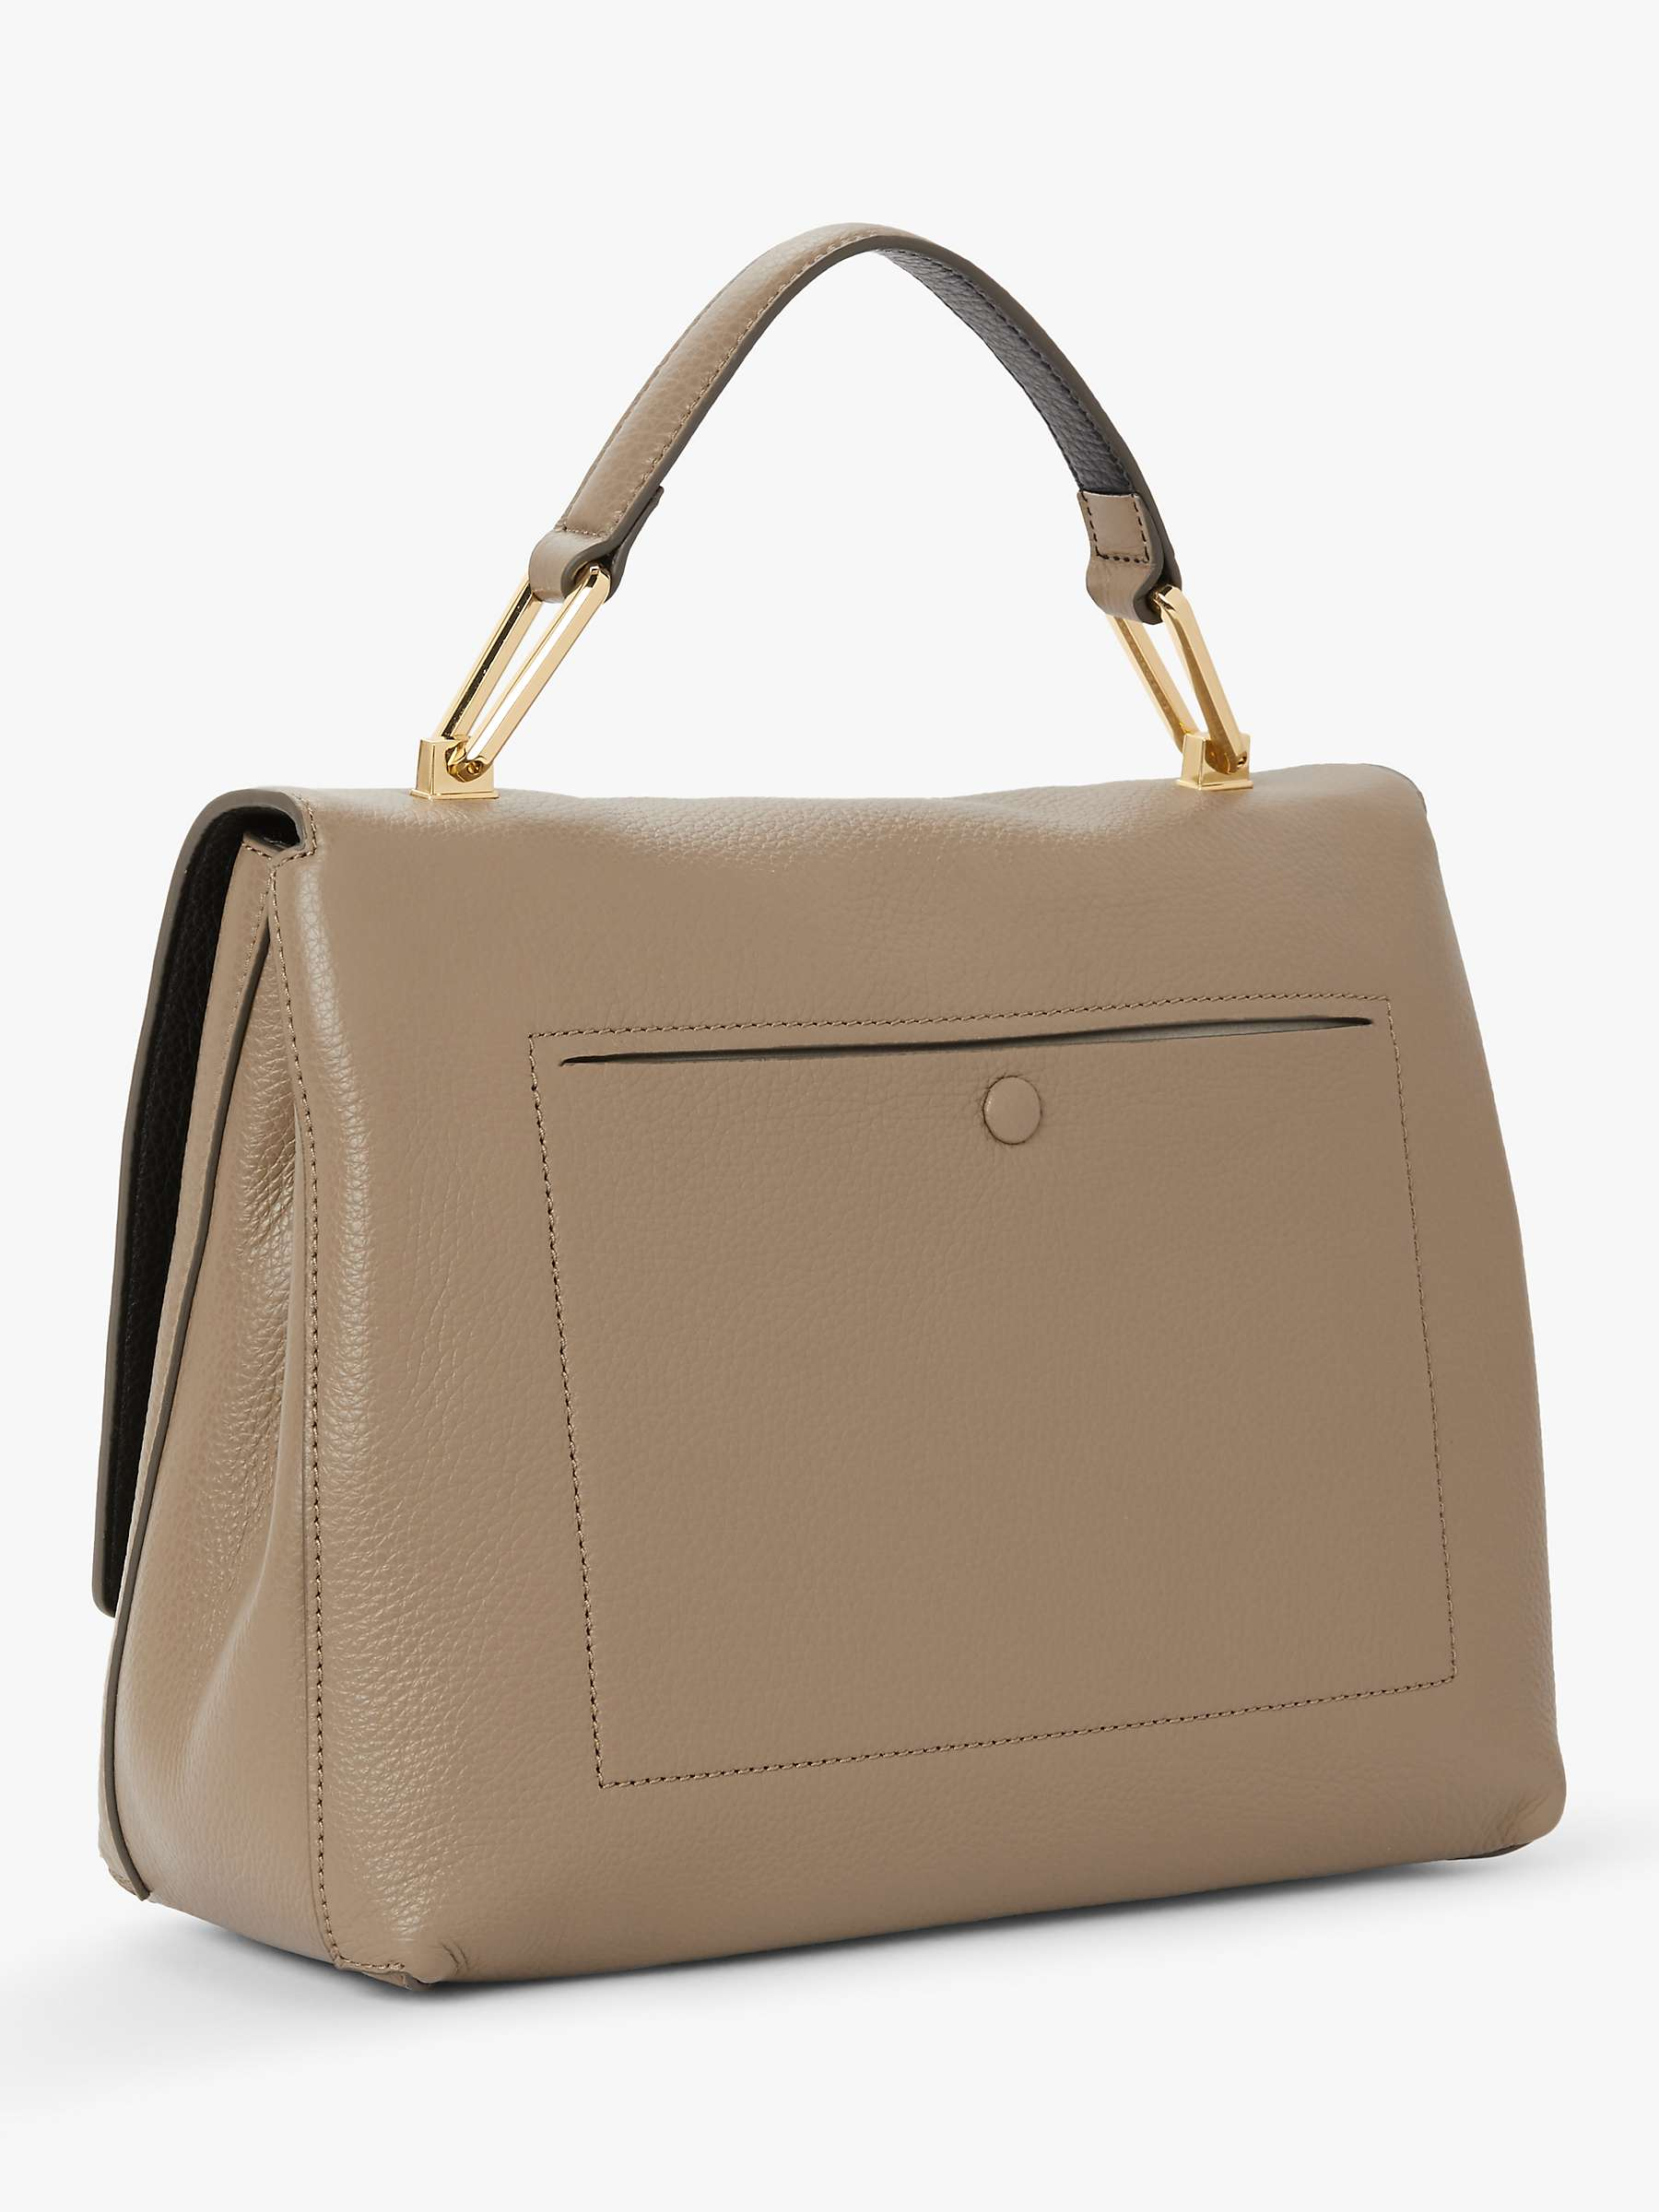 wie man bestellt beste Qualität für am besten bewerteten neuesten Coccinelle Liya Iconic Leather Shoulder Bag, Taupe at John ...